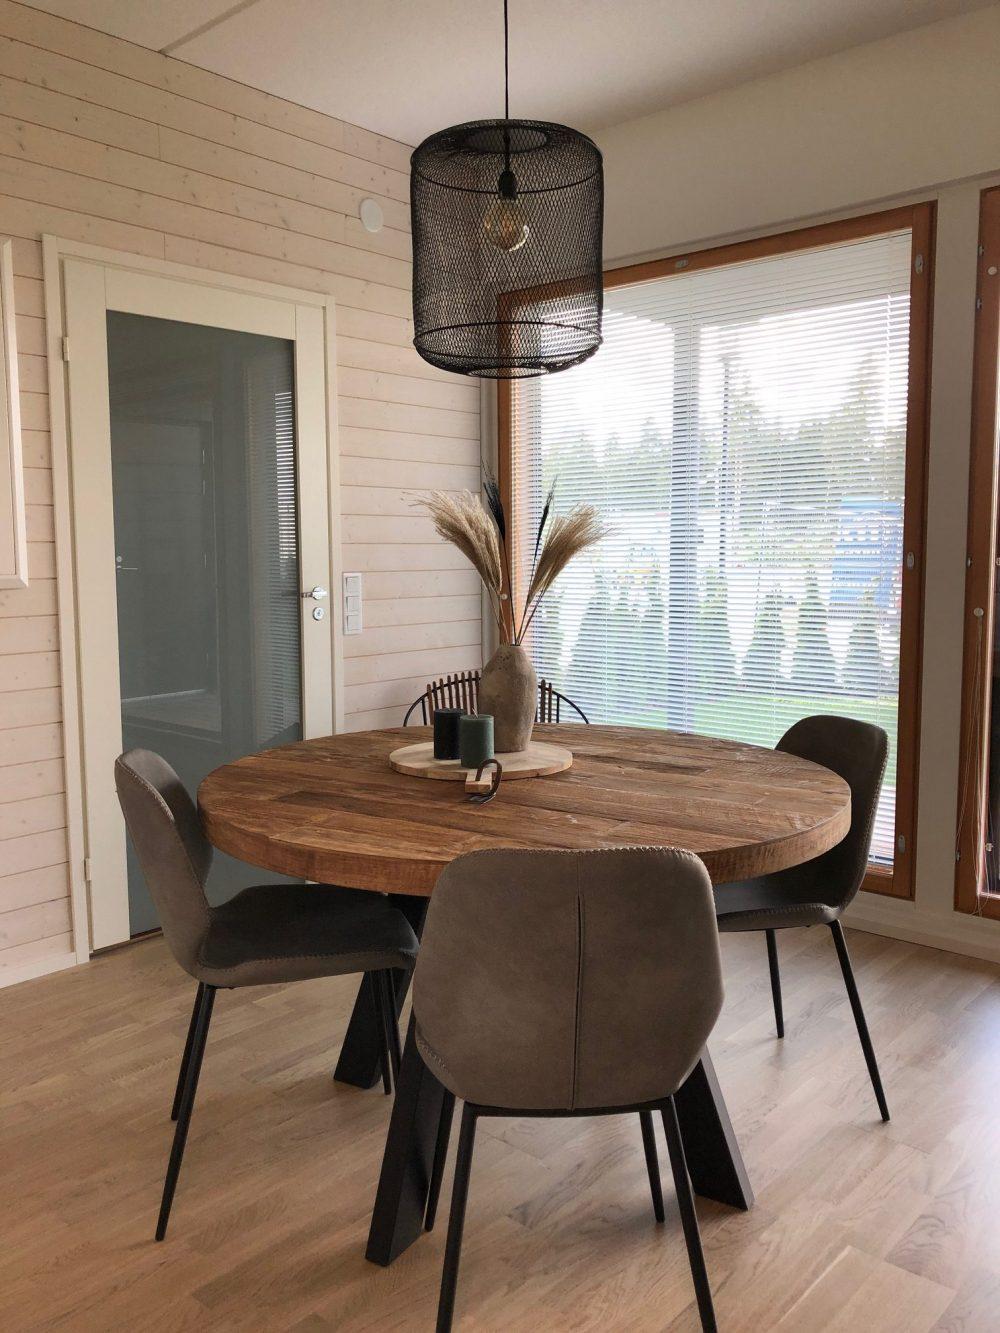 Snugg ruokailutila_Hikari musta kattovalaisin_Seashell tuolit_Timeless pyöreä puinen ruokapöytä